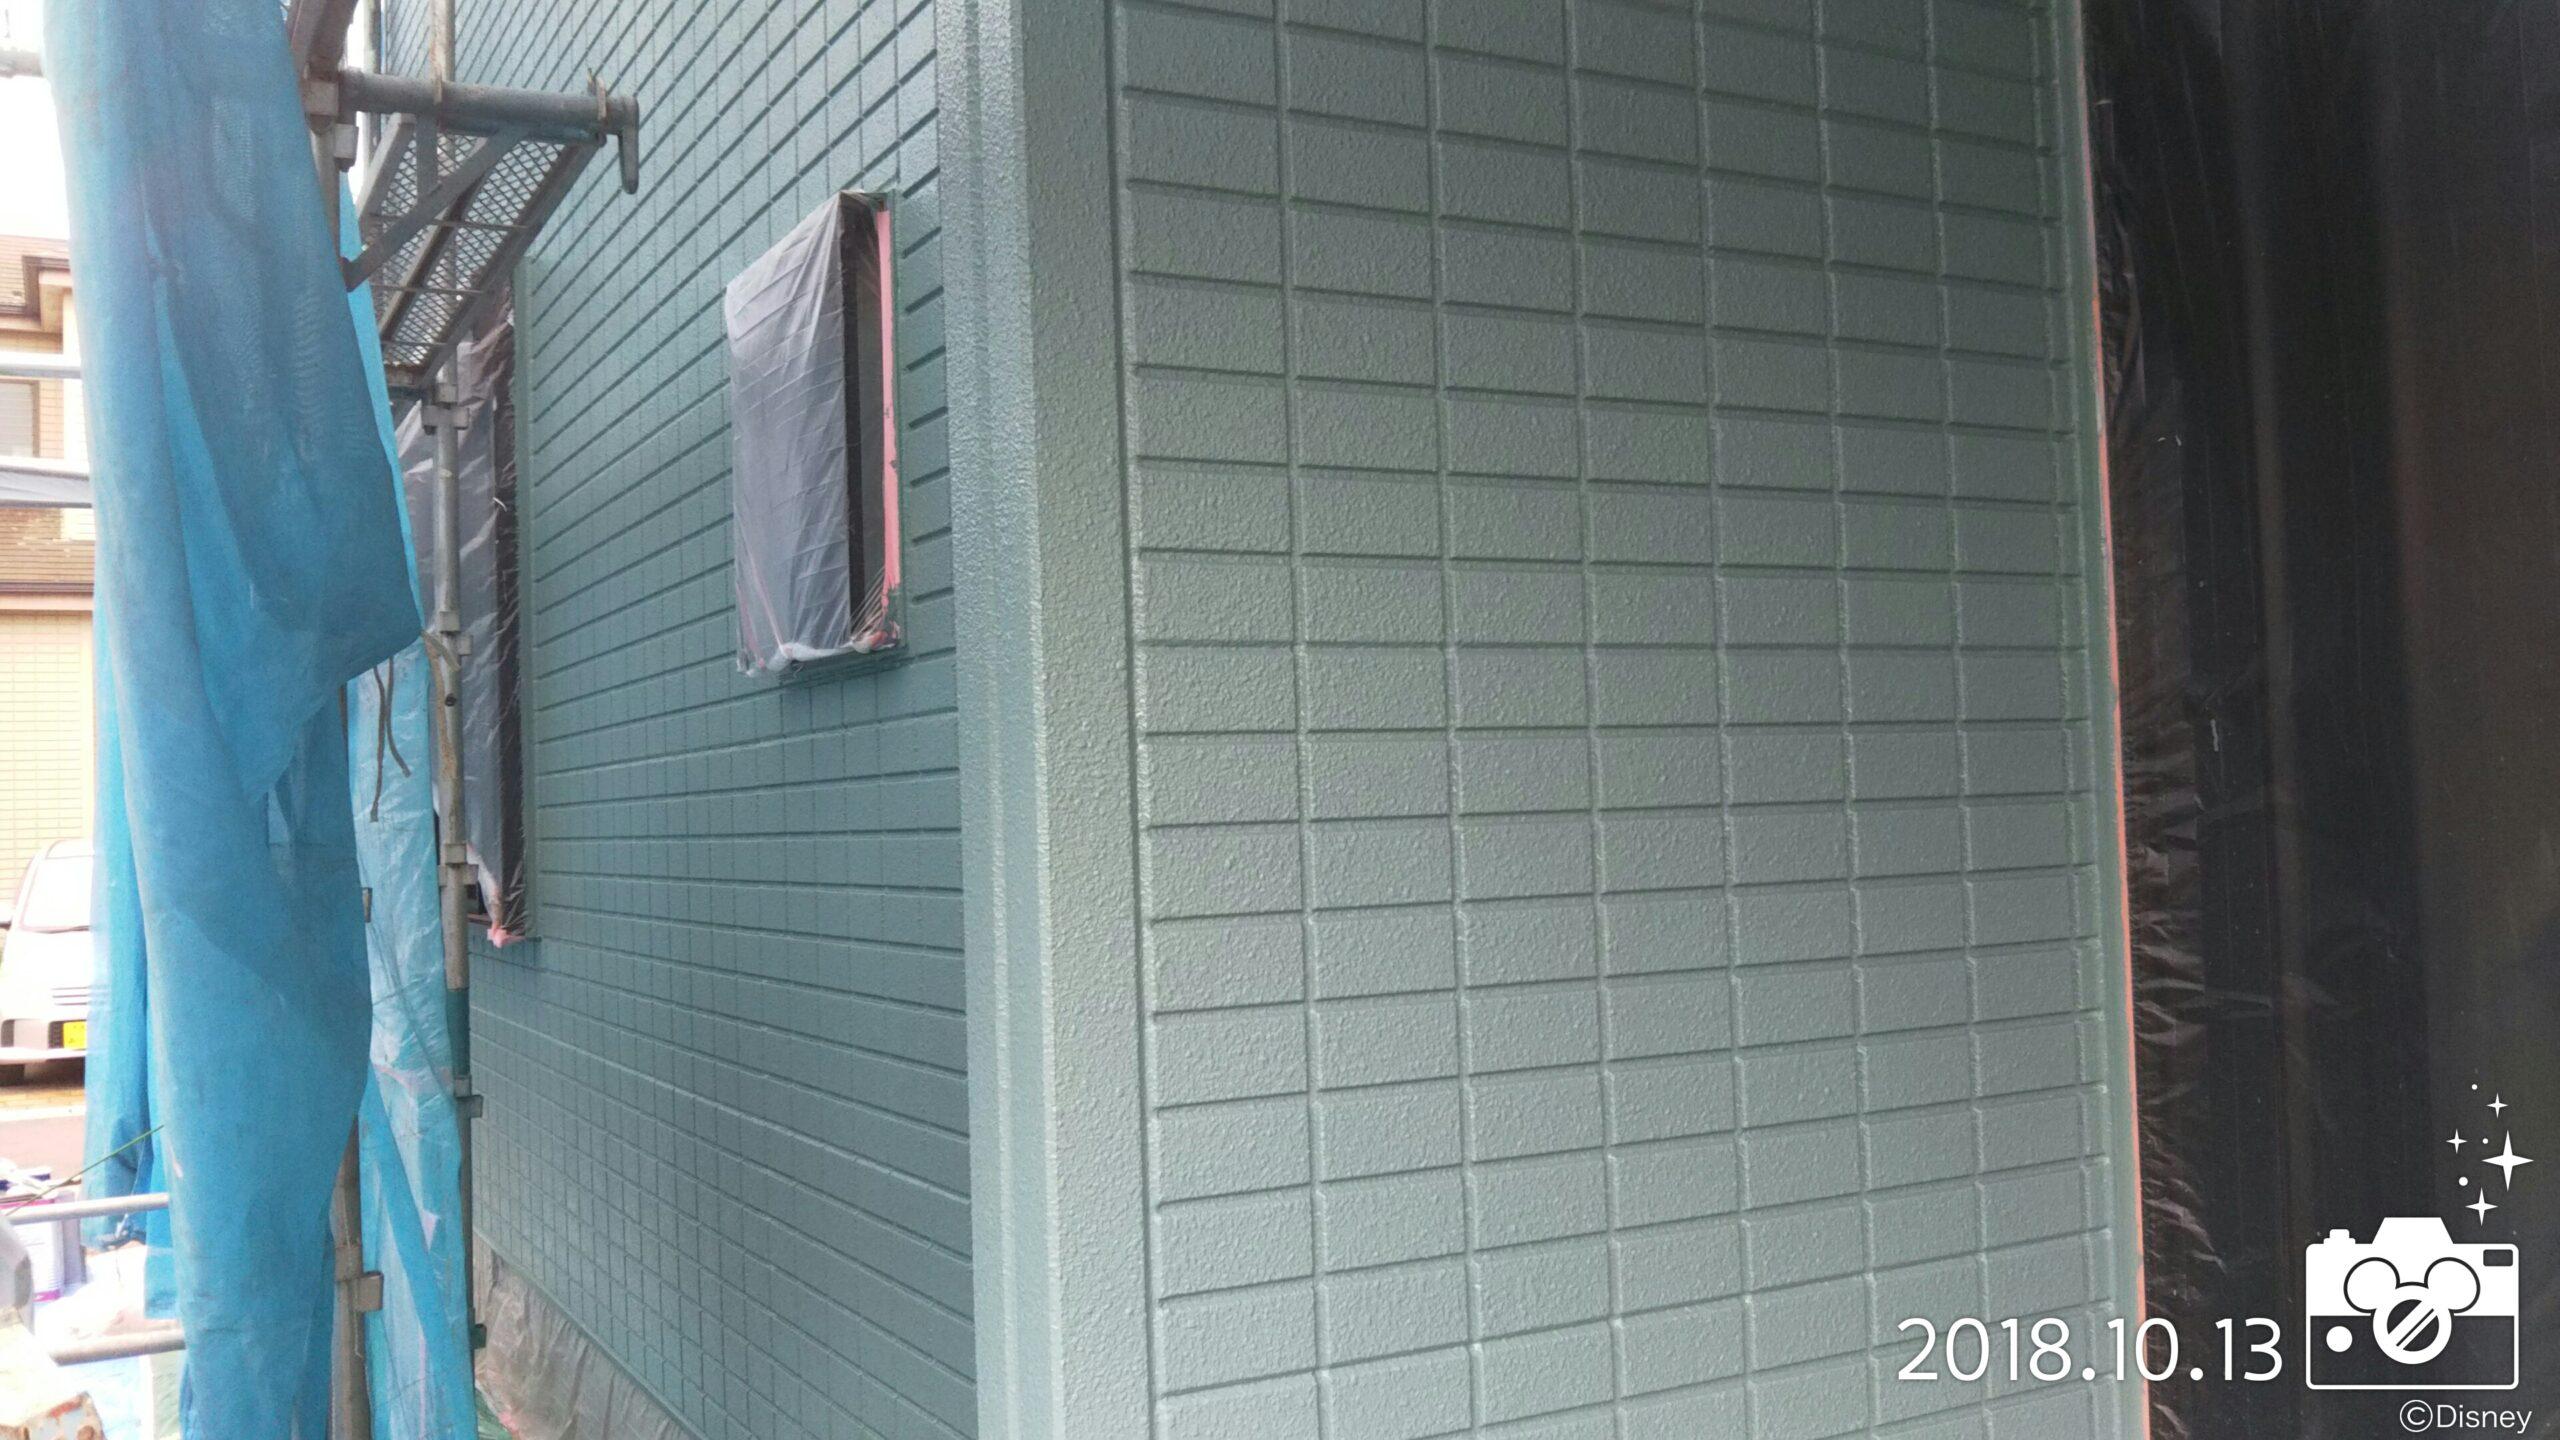 埼玉県さいたま市 外壁仕上げ塗装・屋根仕上げ塗装|さいたま市岩槻区の木造2階建てM様邸にて塗り替えリフォーム中